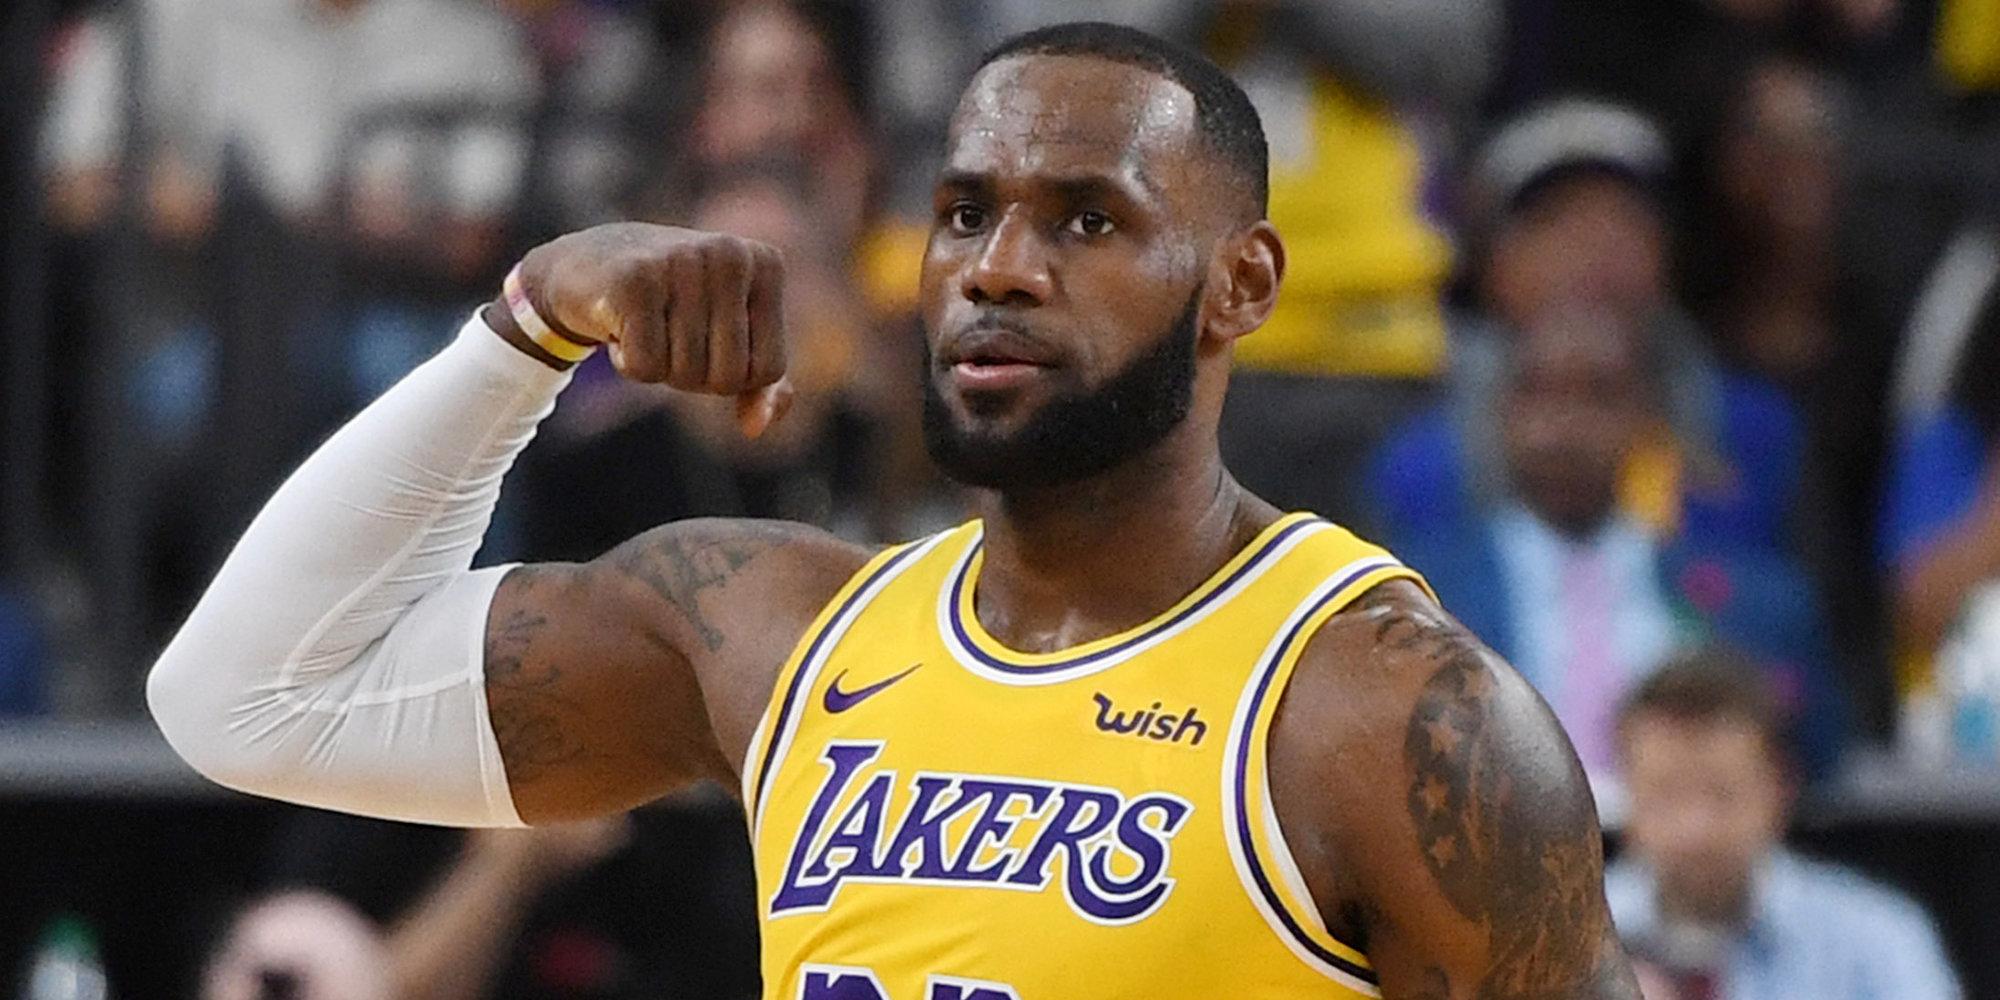 Леброн Джеймс третьим в истории НБА набрал 20+ очков в 1000 матчей